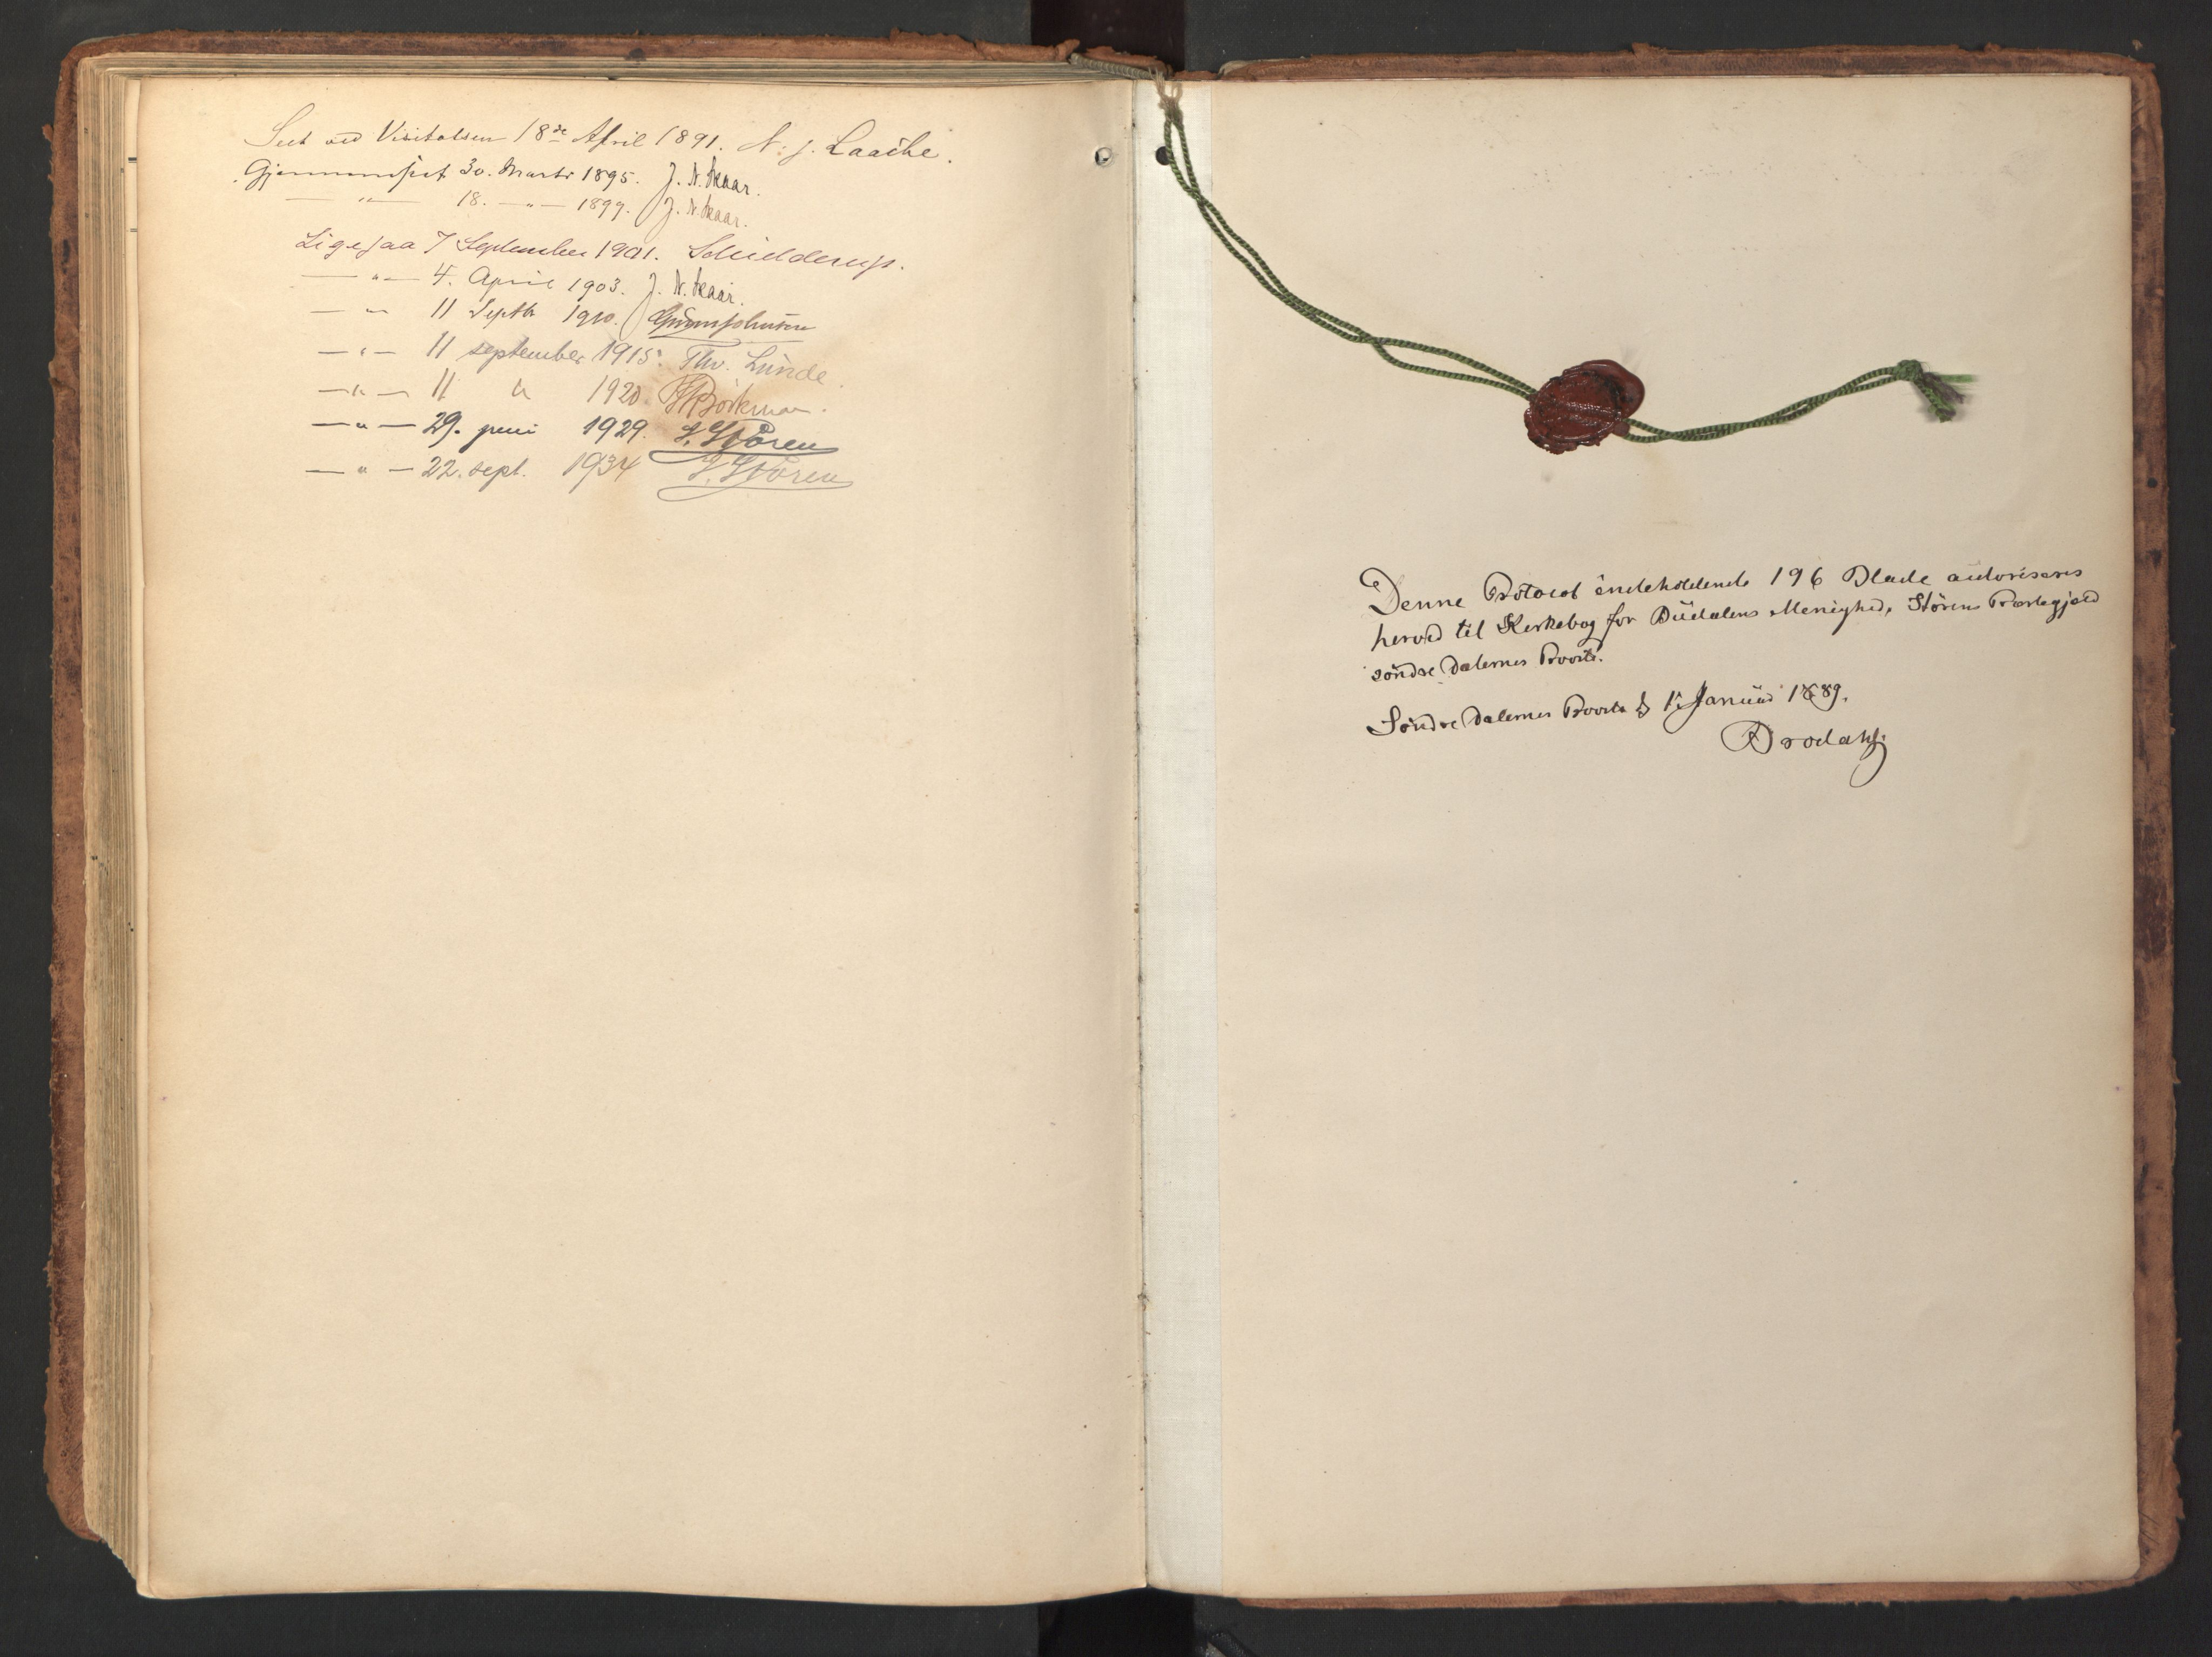 SAT, Ministerialprotokoller, klokkerbøker og fødselsregistre - Sør-Trøndelag, 690/L1050: Ministerialbok nr. 690A01, 1889-1929